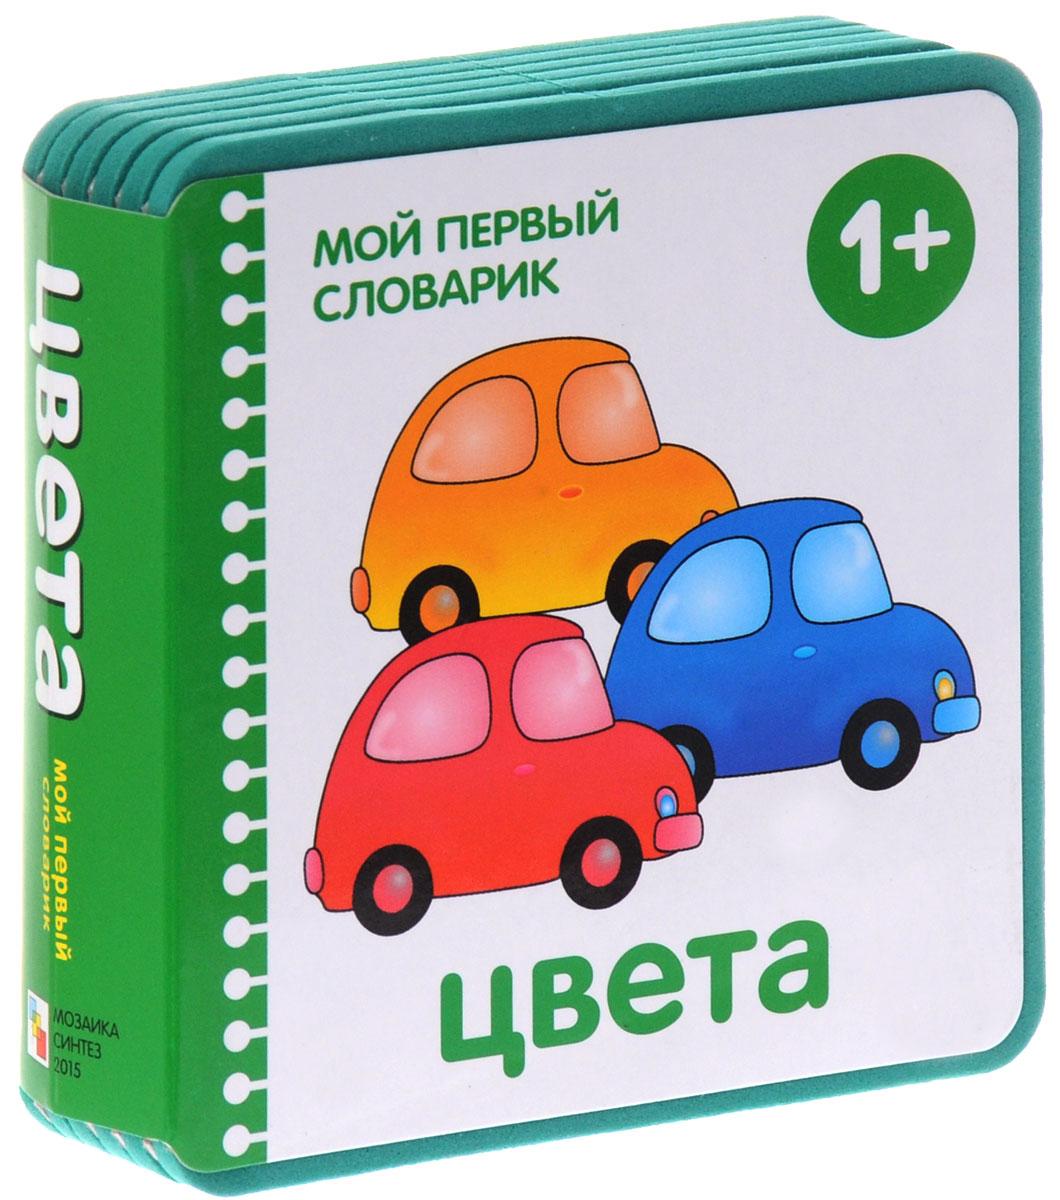 Цвета12296407Разноцветные книжки серии Мой первый словарик предназначены для самых маленьких детей. Крупные яркие картинки закрепляют представления малыша об окружающем мире, а плотные и одновременно мягкие странички из пены EVA помогают развивать мелкую моторику рук. Небольшие по формату, книжки легко поместятся в руках у малыша.